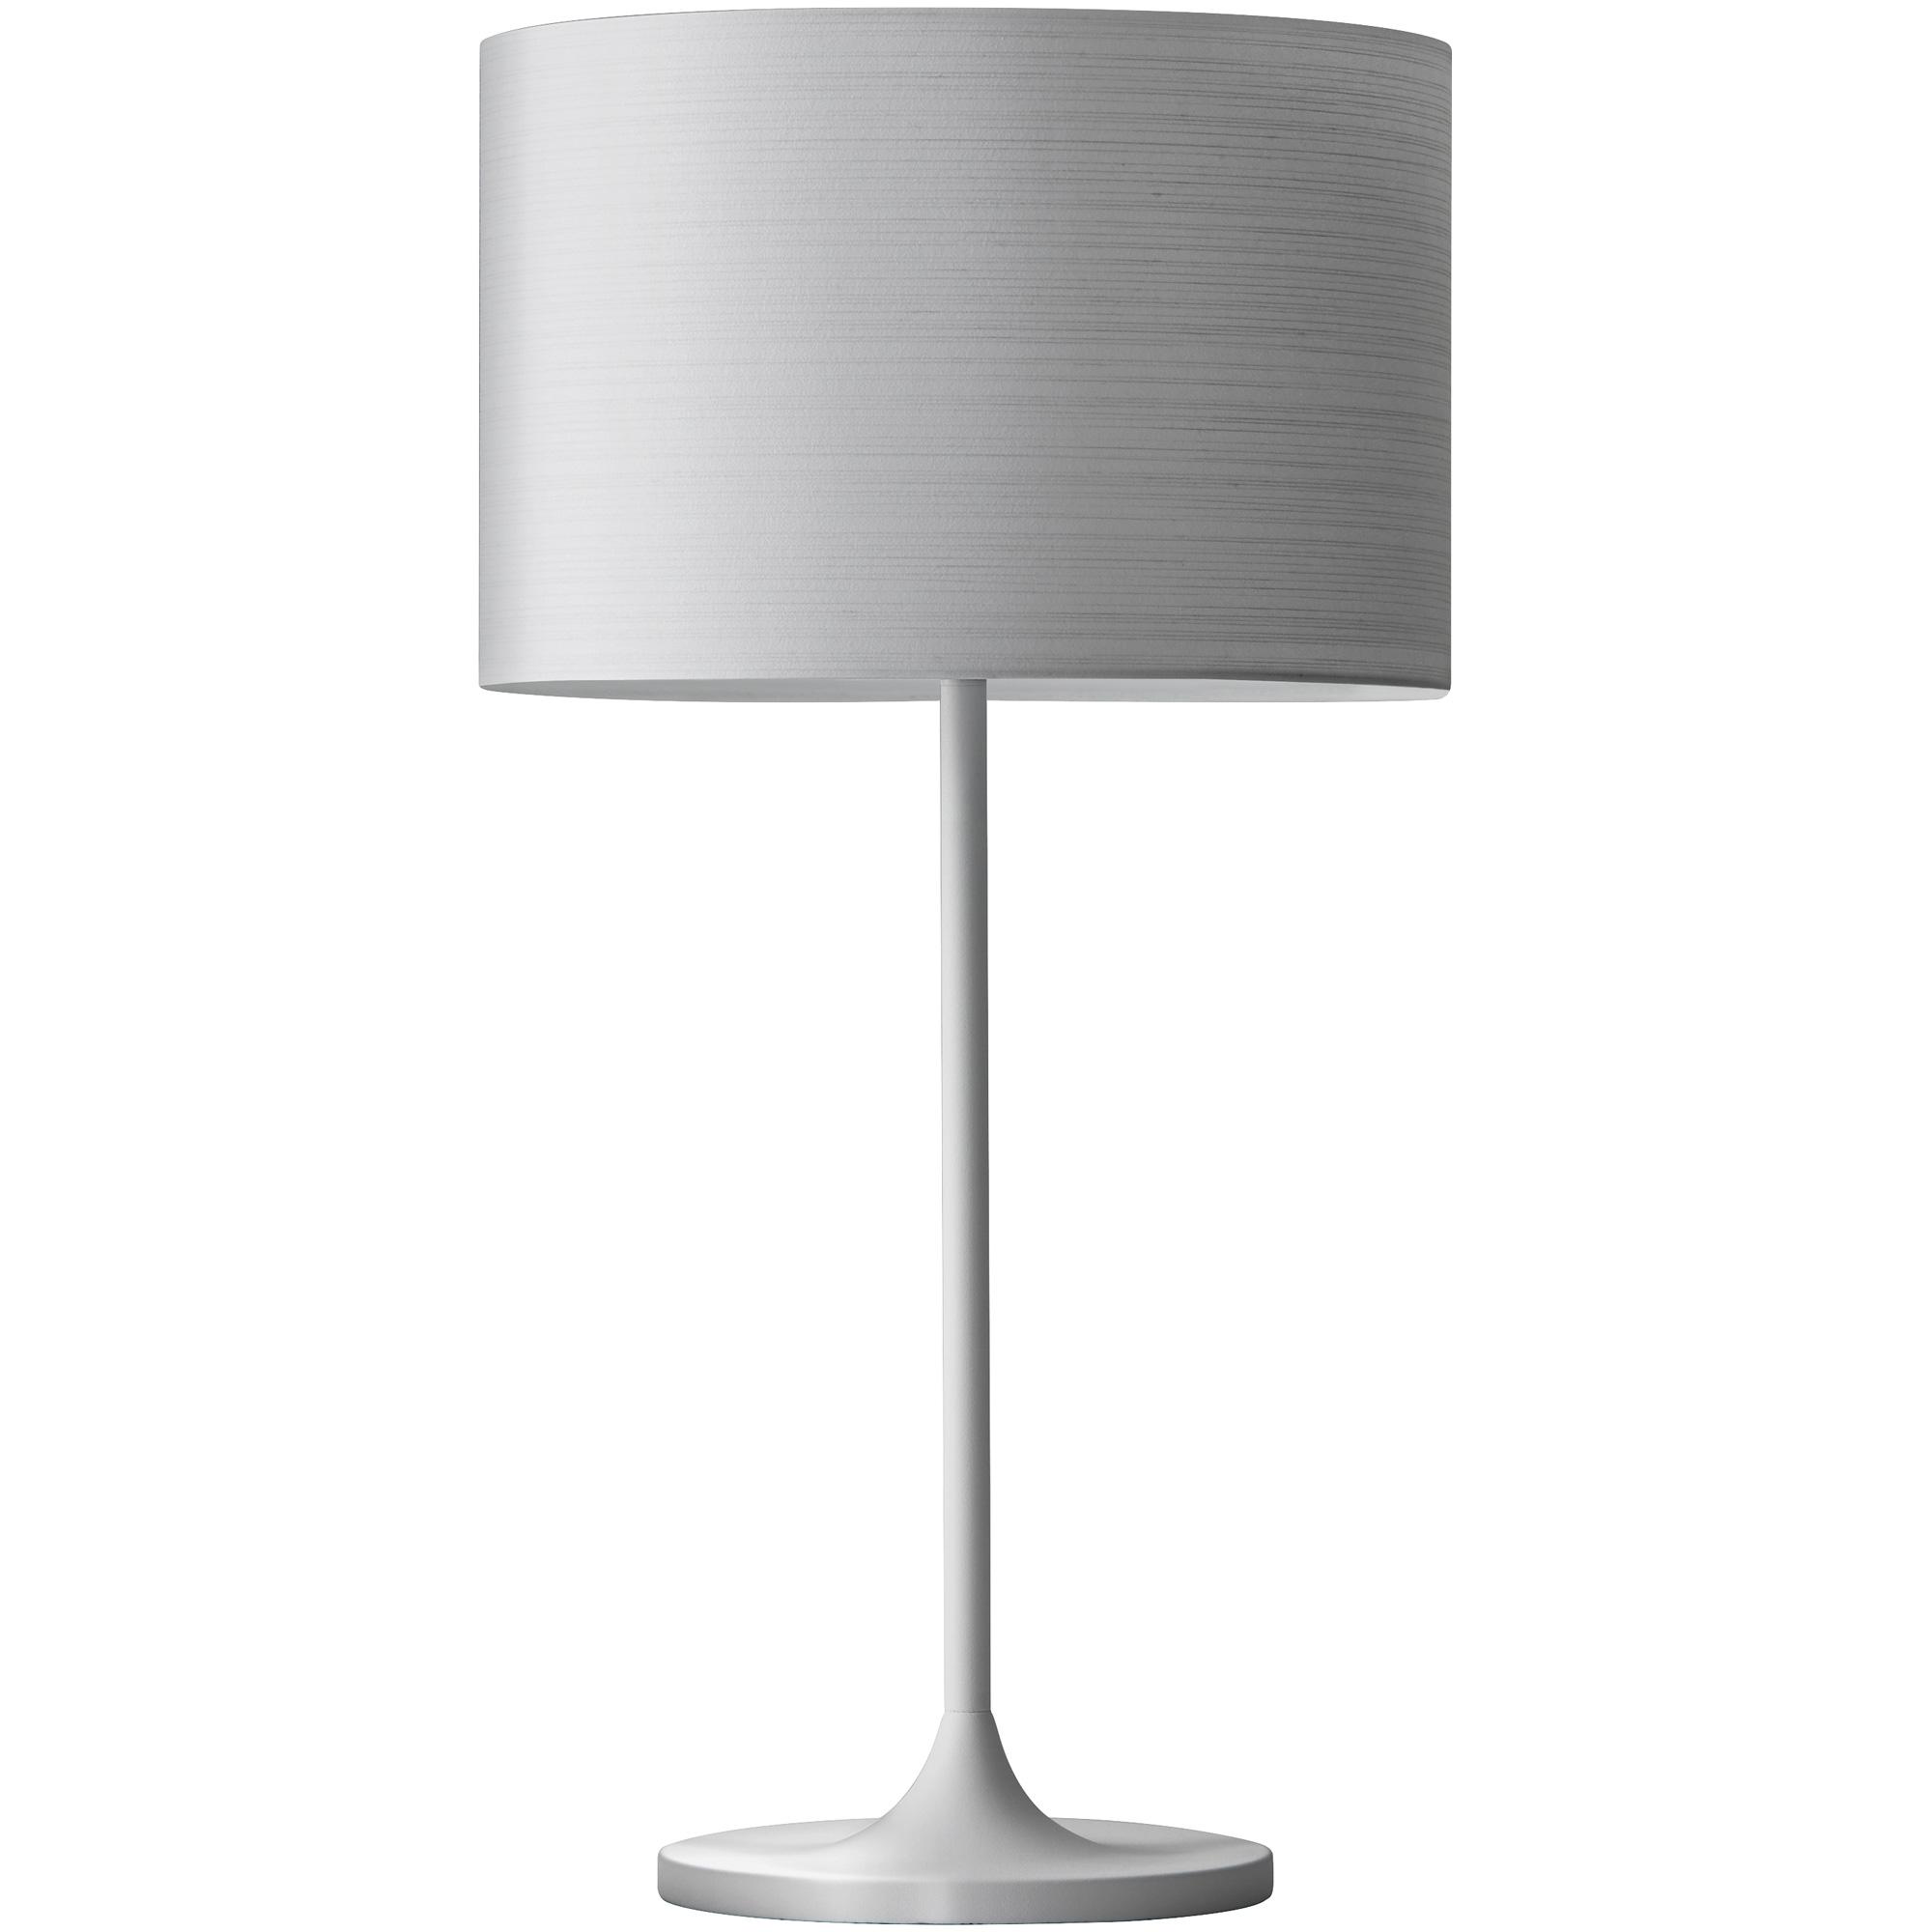 Adesso | Oslo White Desk Lamp